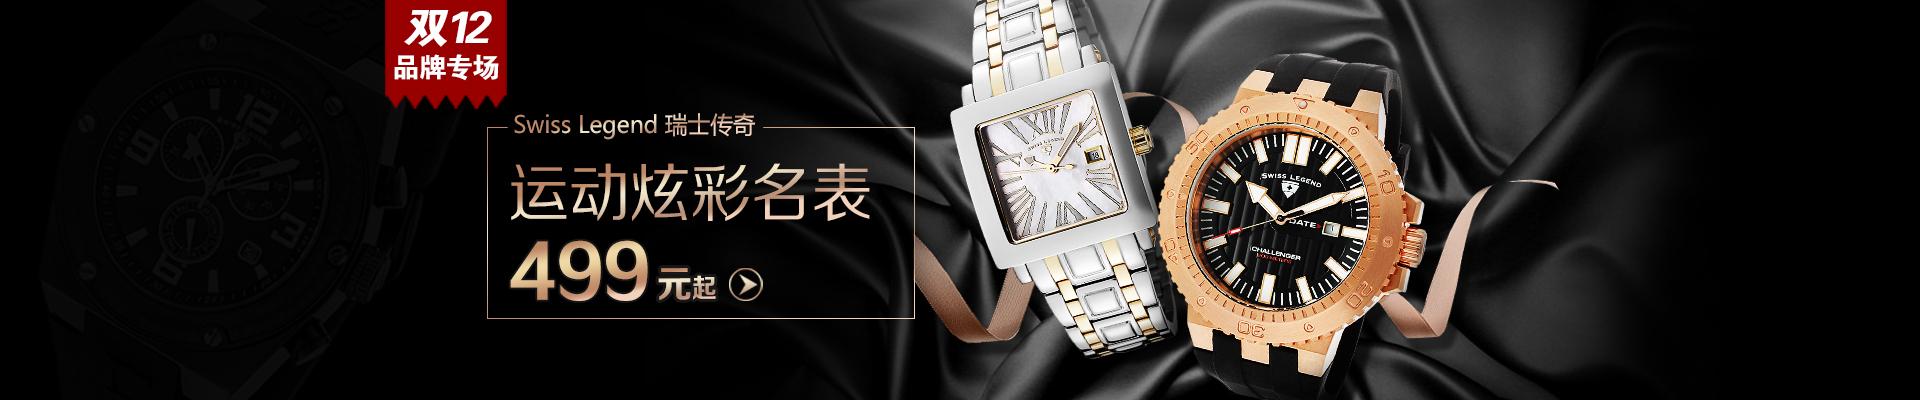 双12品牌专场 Swiss Legend 瑞士传奇 运动炫彩名表499元起